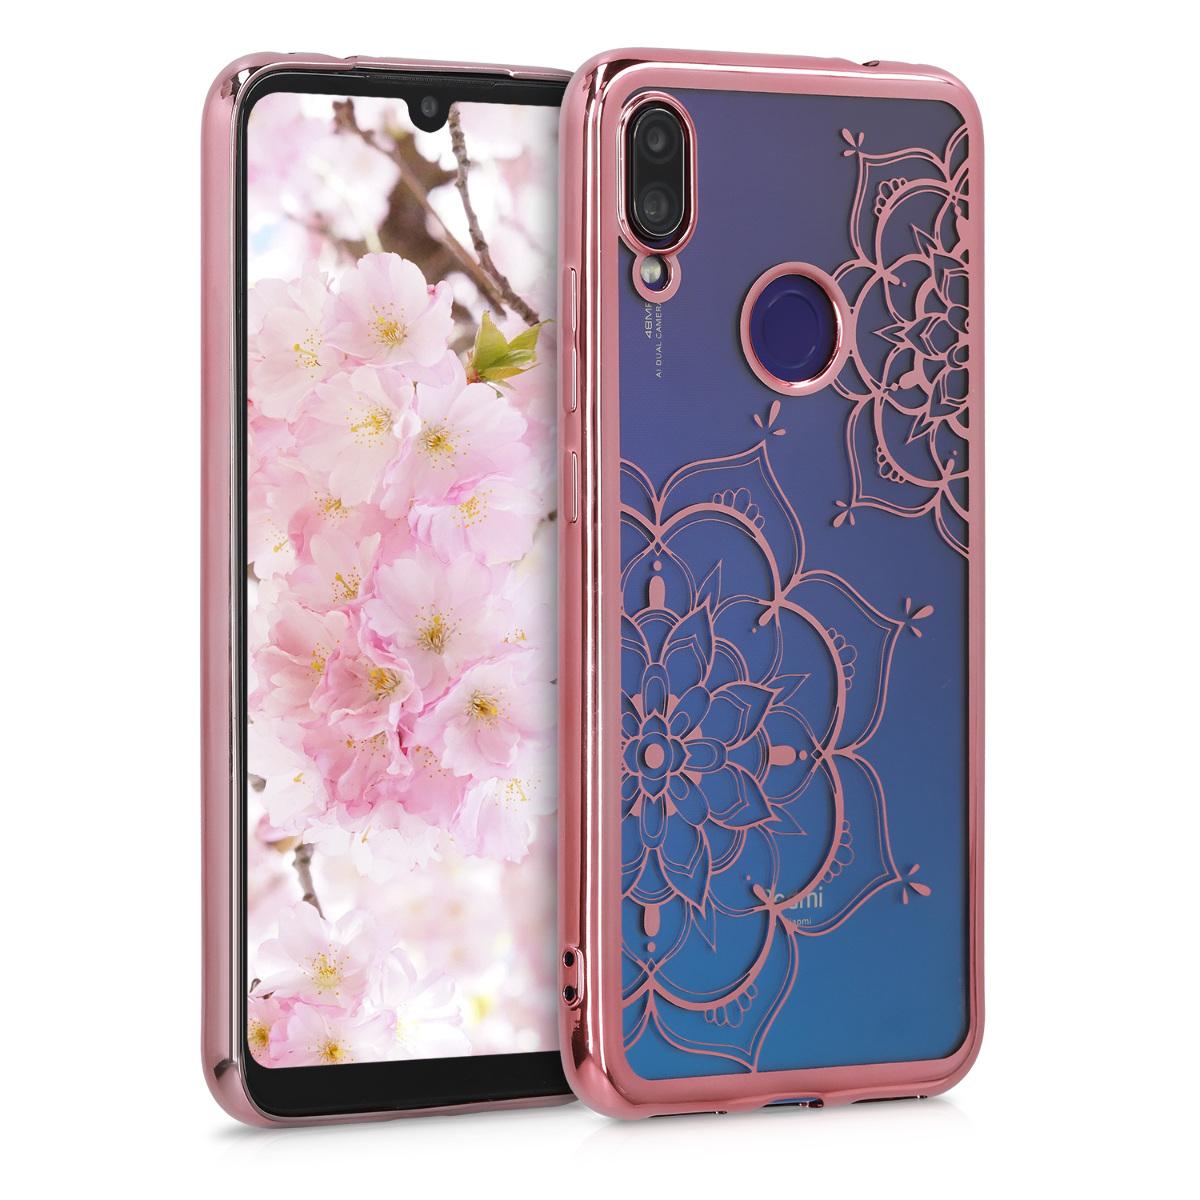 Kvalitní silikonové TPU pouzdro | obal pro Xiaomi Redmi Note 7 | Note 7 Pro - květina Twins starorůžový růžovýgold / starorůžový růžovýgold / transparentní